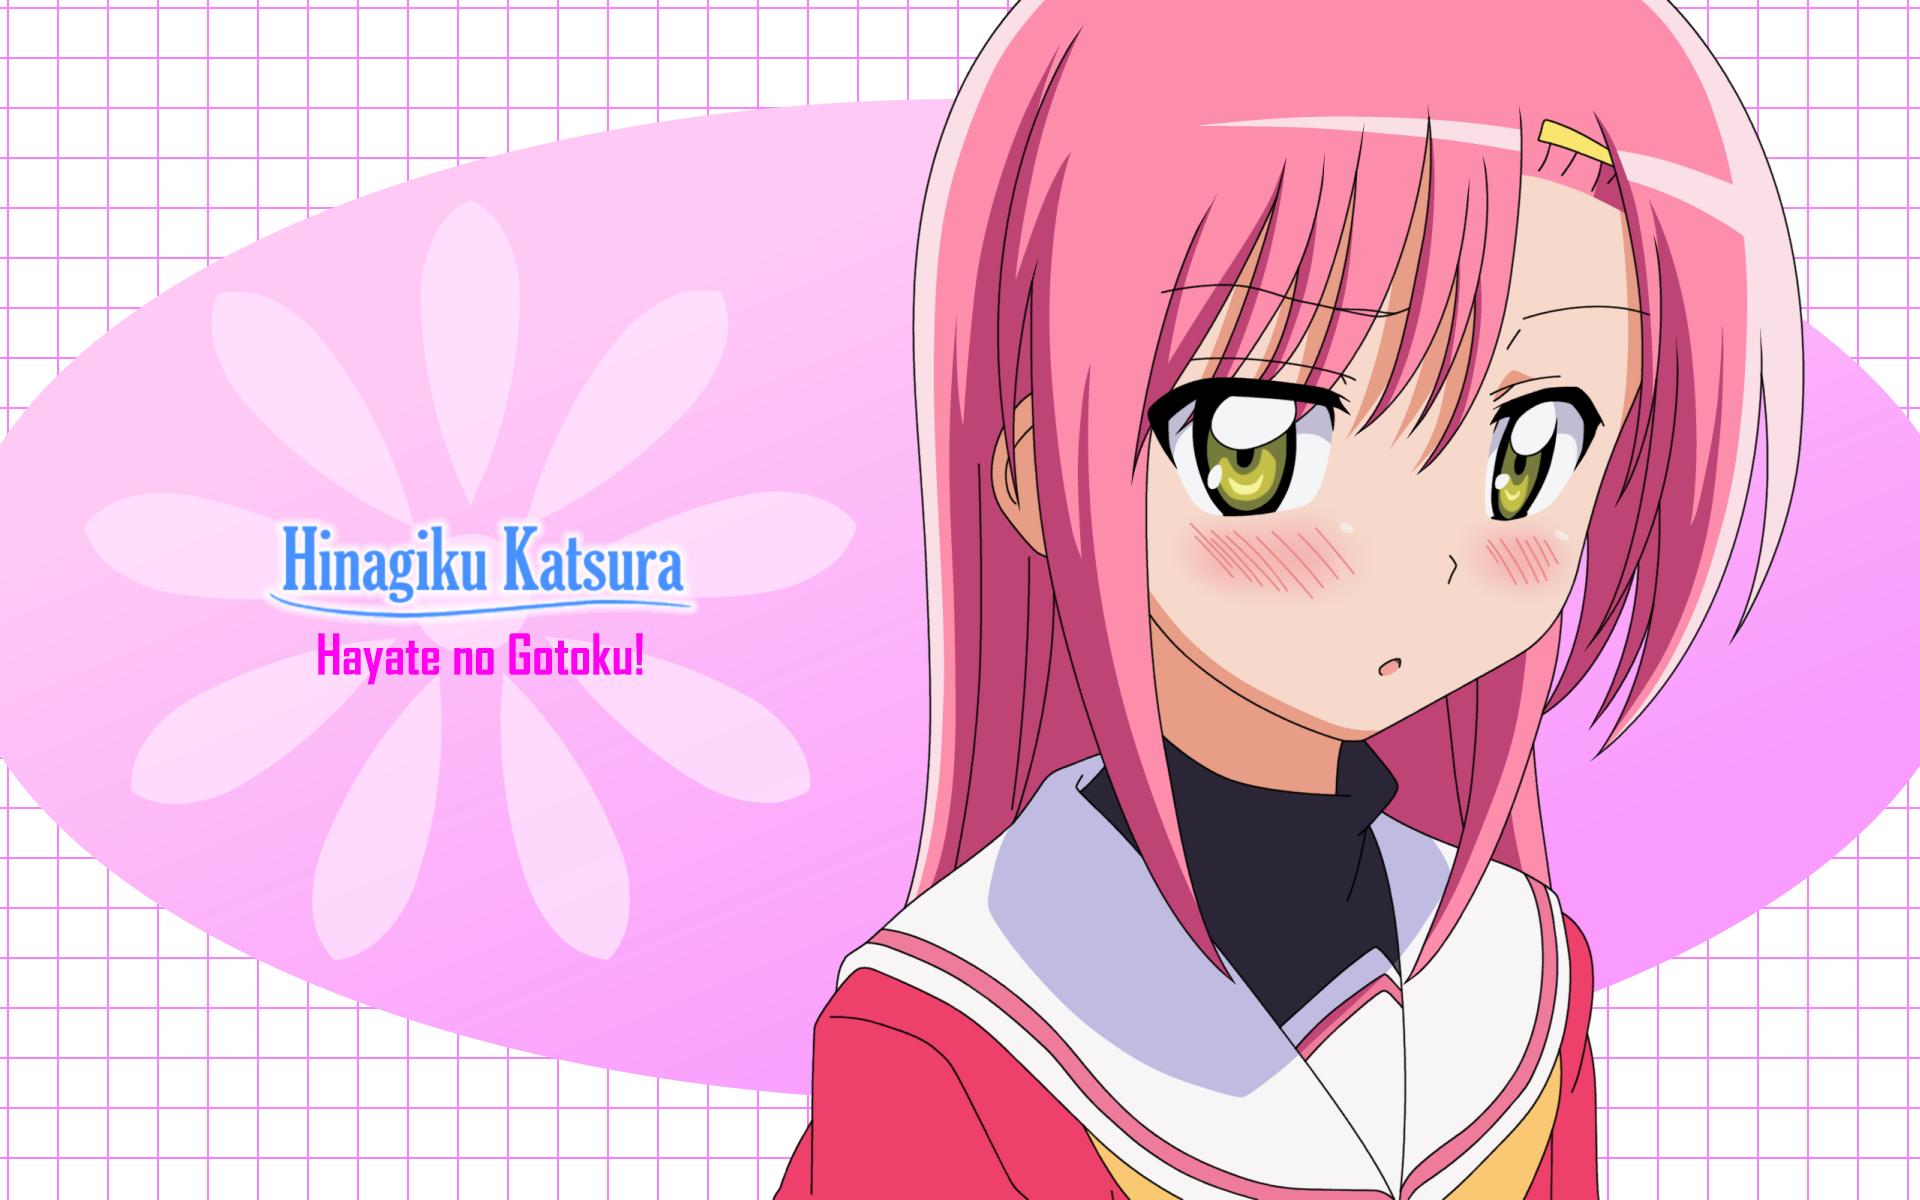 ivluhayate_no_gotoku katsura_hinagiku vector